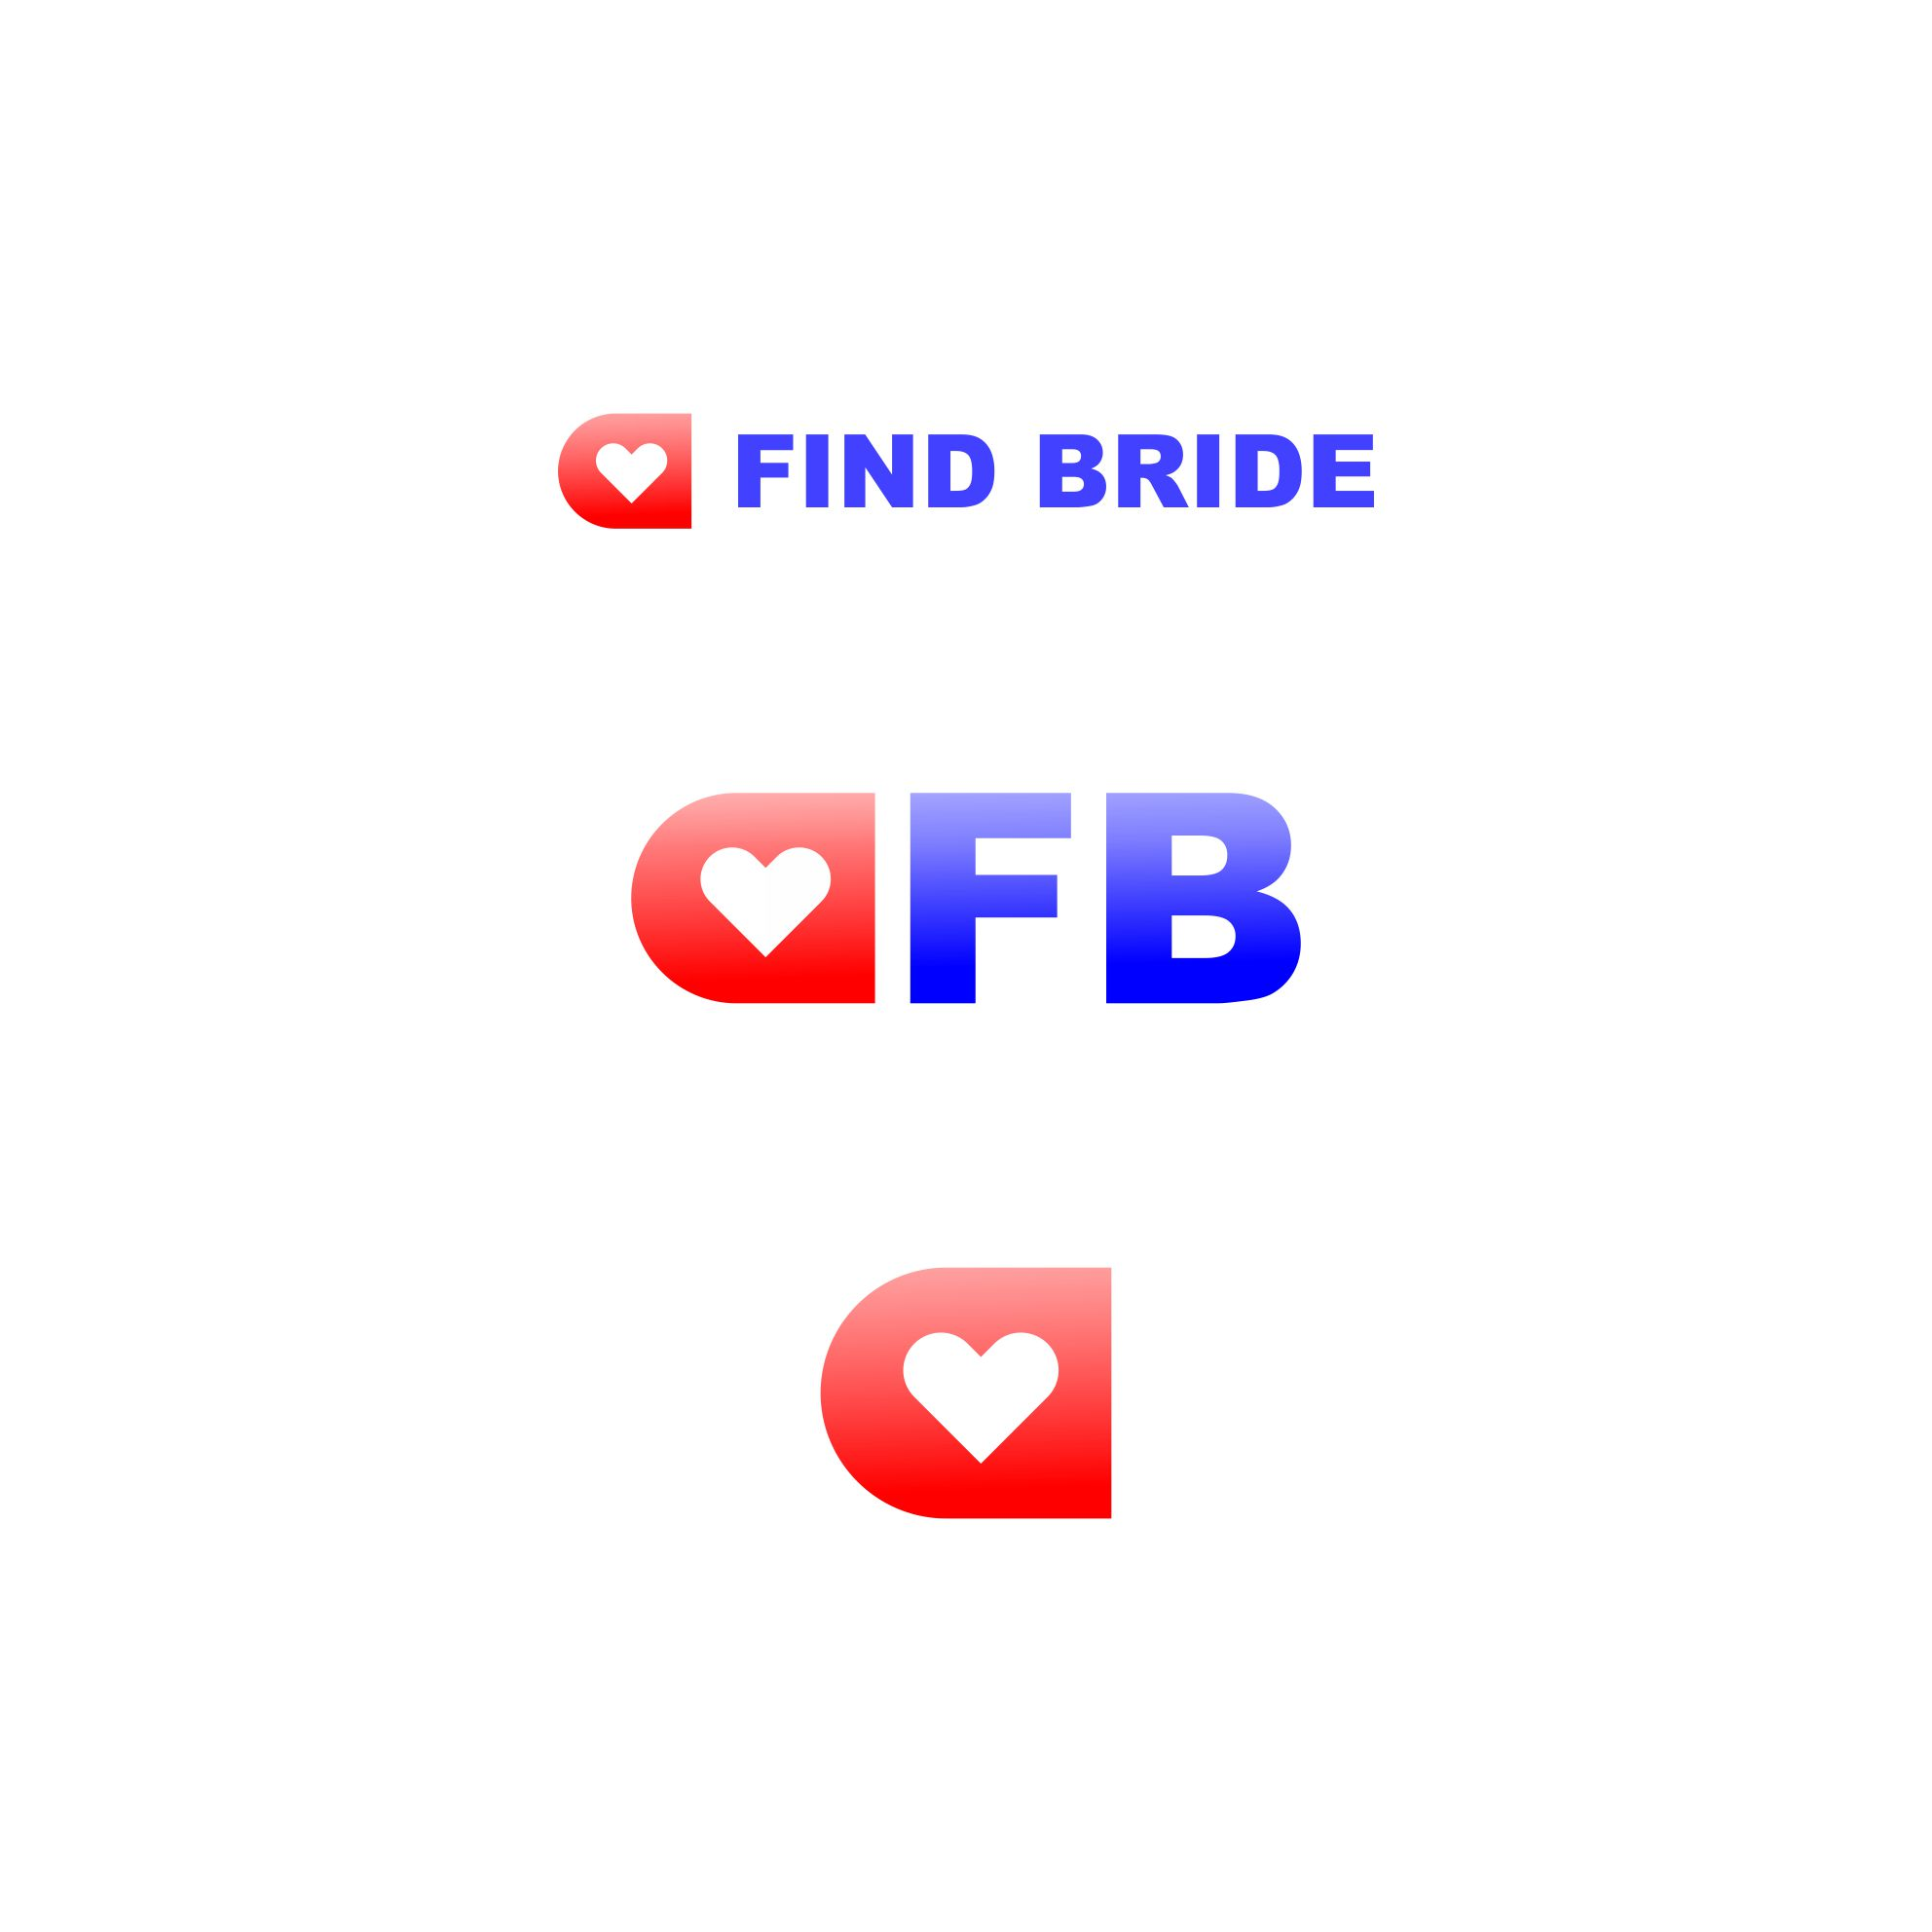 Нарисовать логотип сайта знакомств фото f_1435ad2fc9887d02.jpg